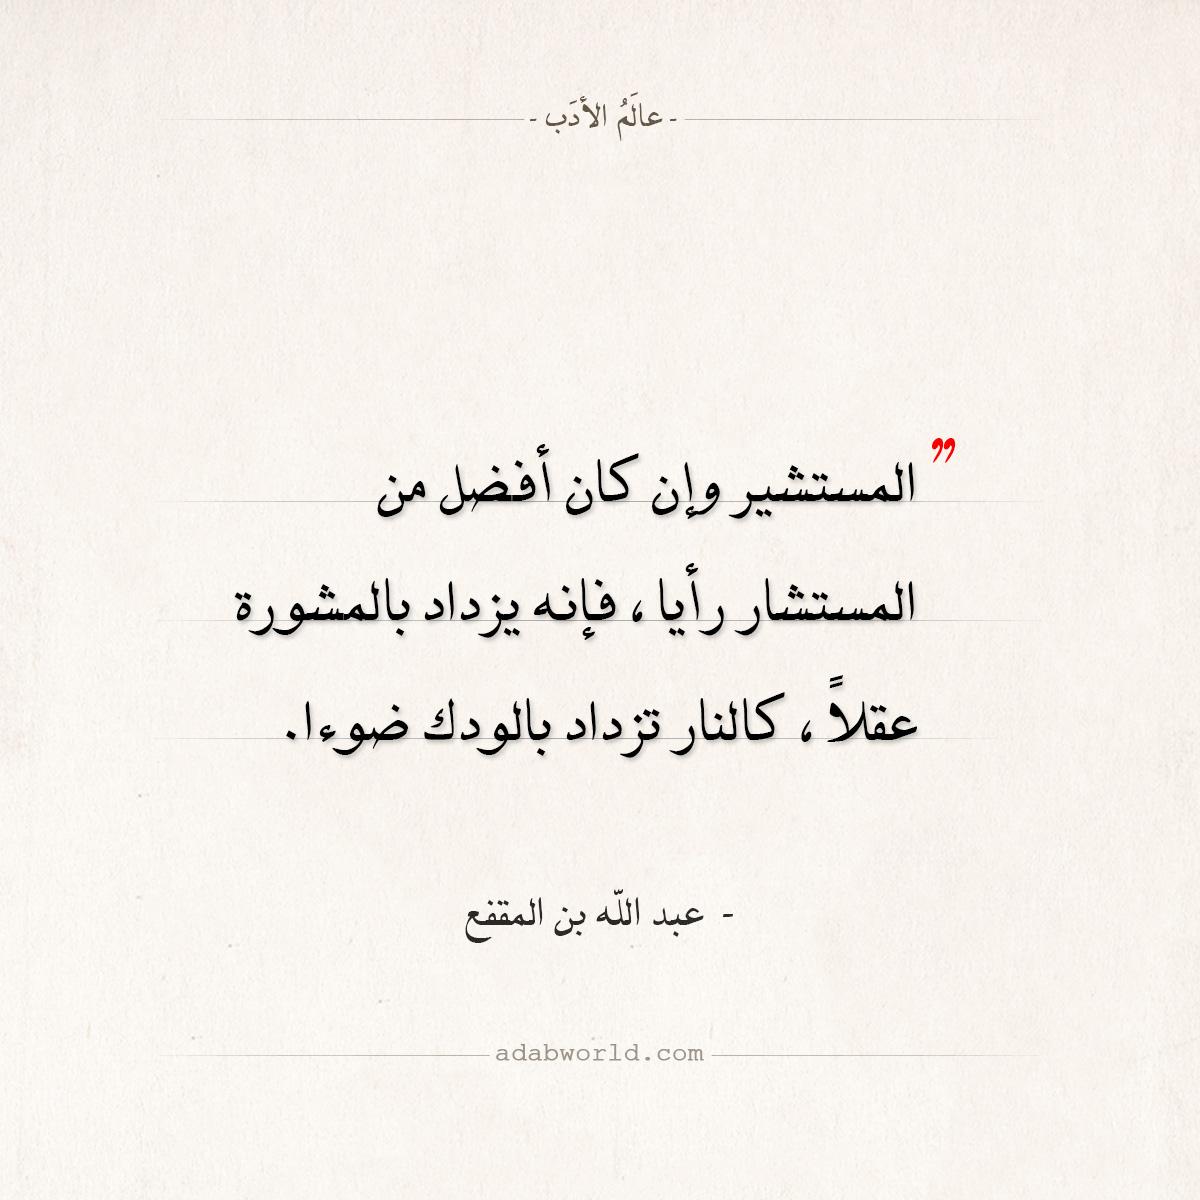 اقتباسات ابن المقفع - المستشير